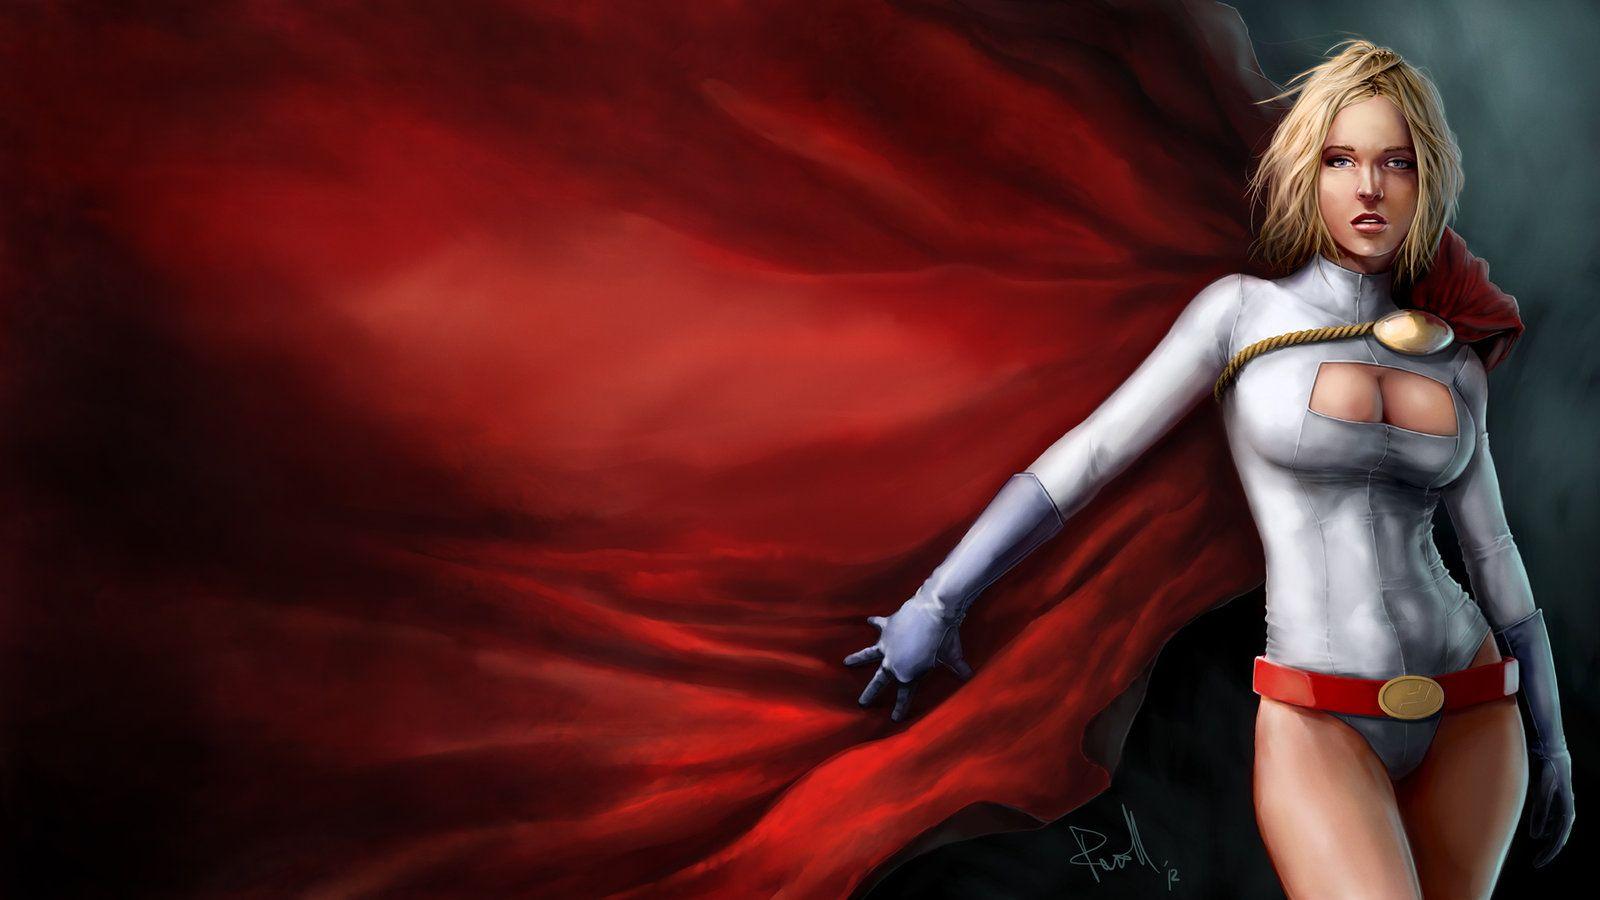 power girl wallpaperportohle | heroes | pinterest | power girl